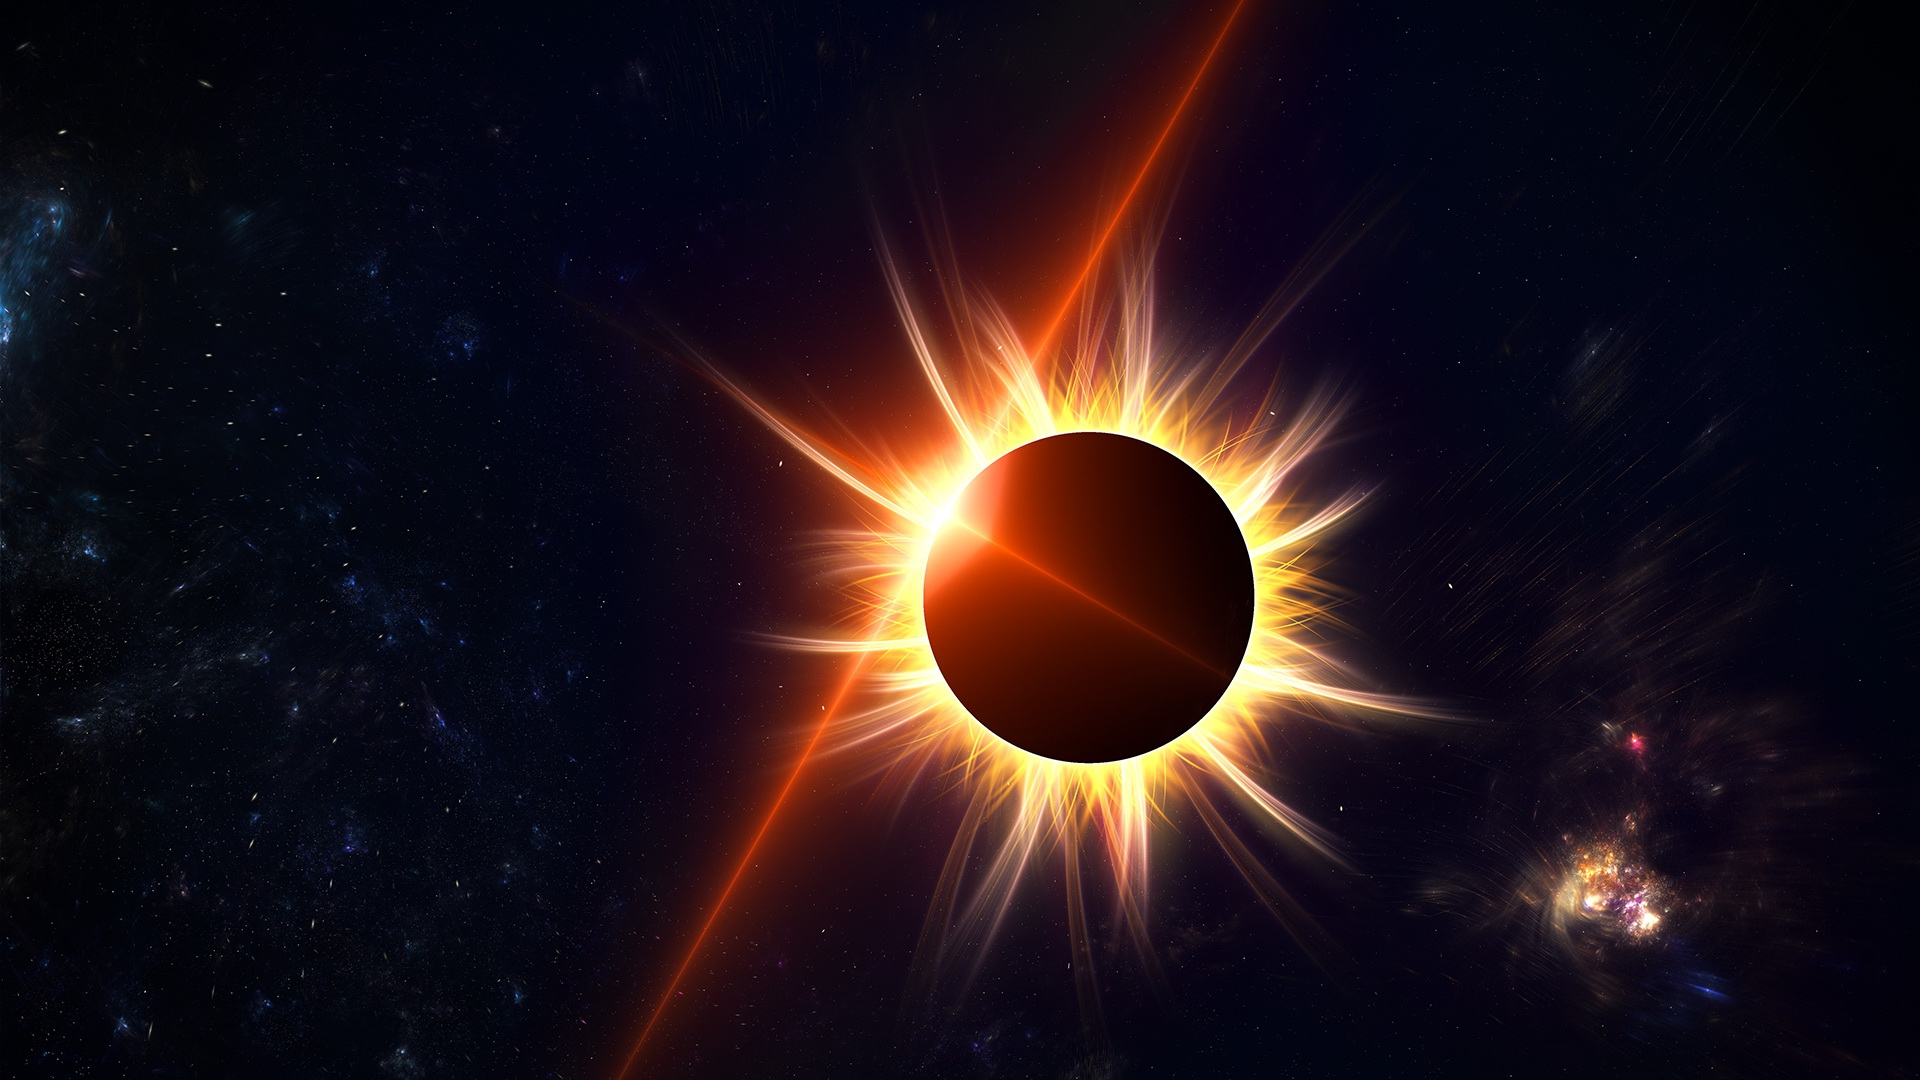 Затмение – астрономический процесс, во время которого одно небесное тело заслоняет свет от другого небесного тела.